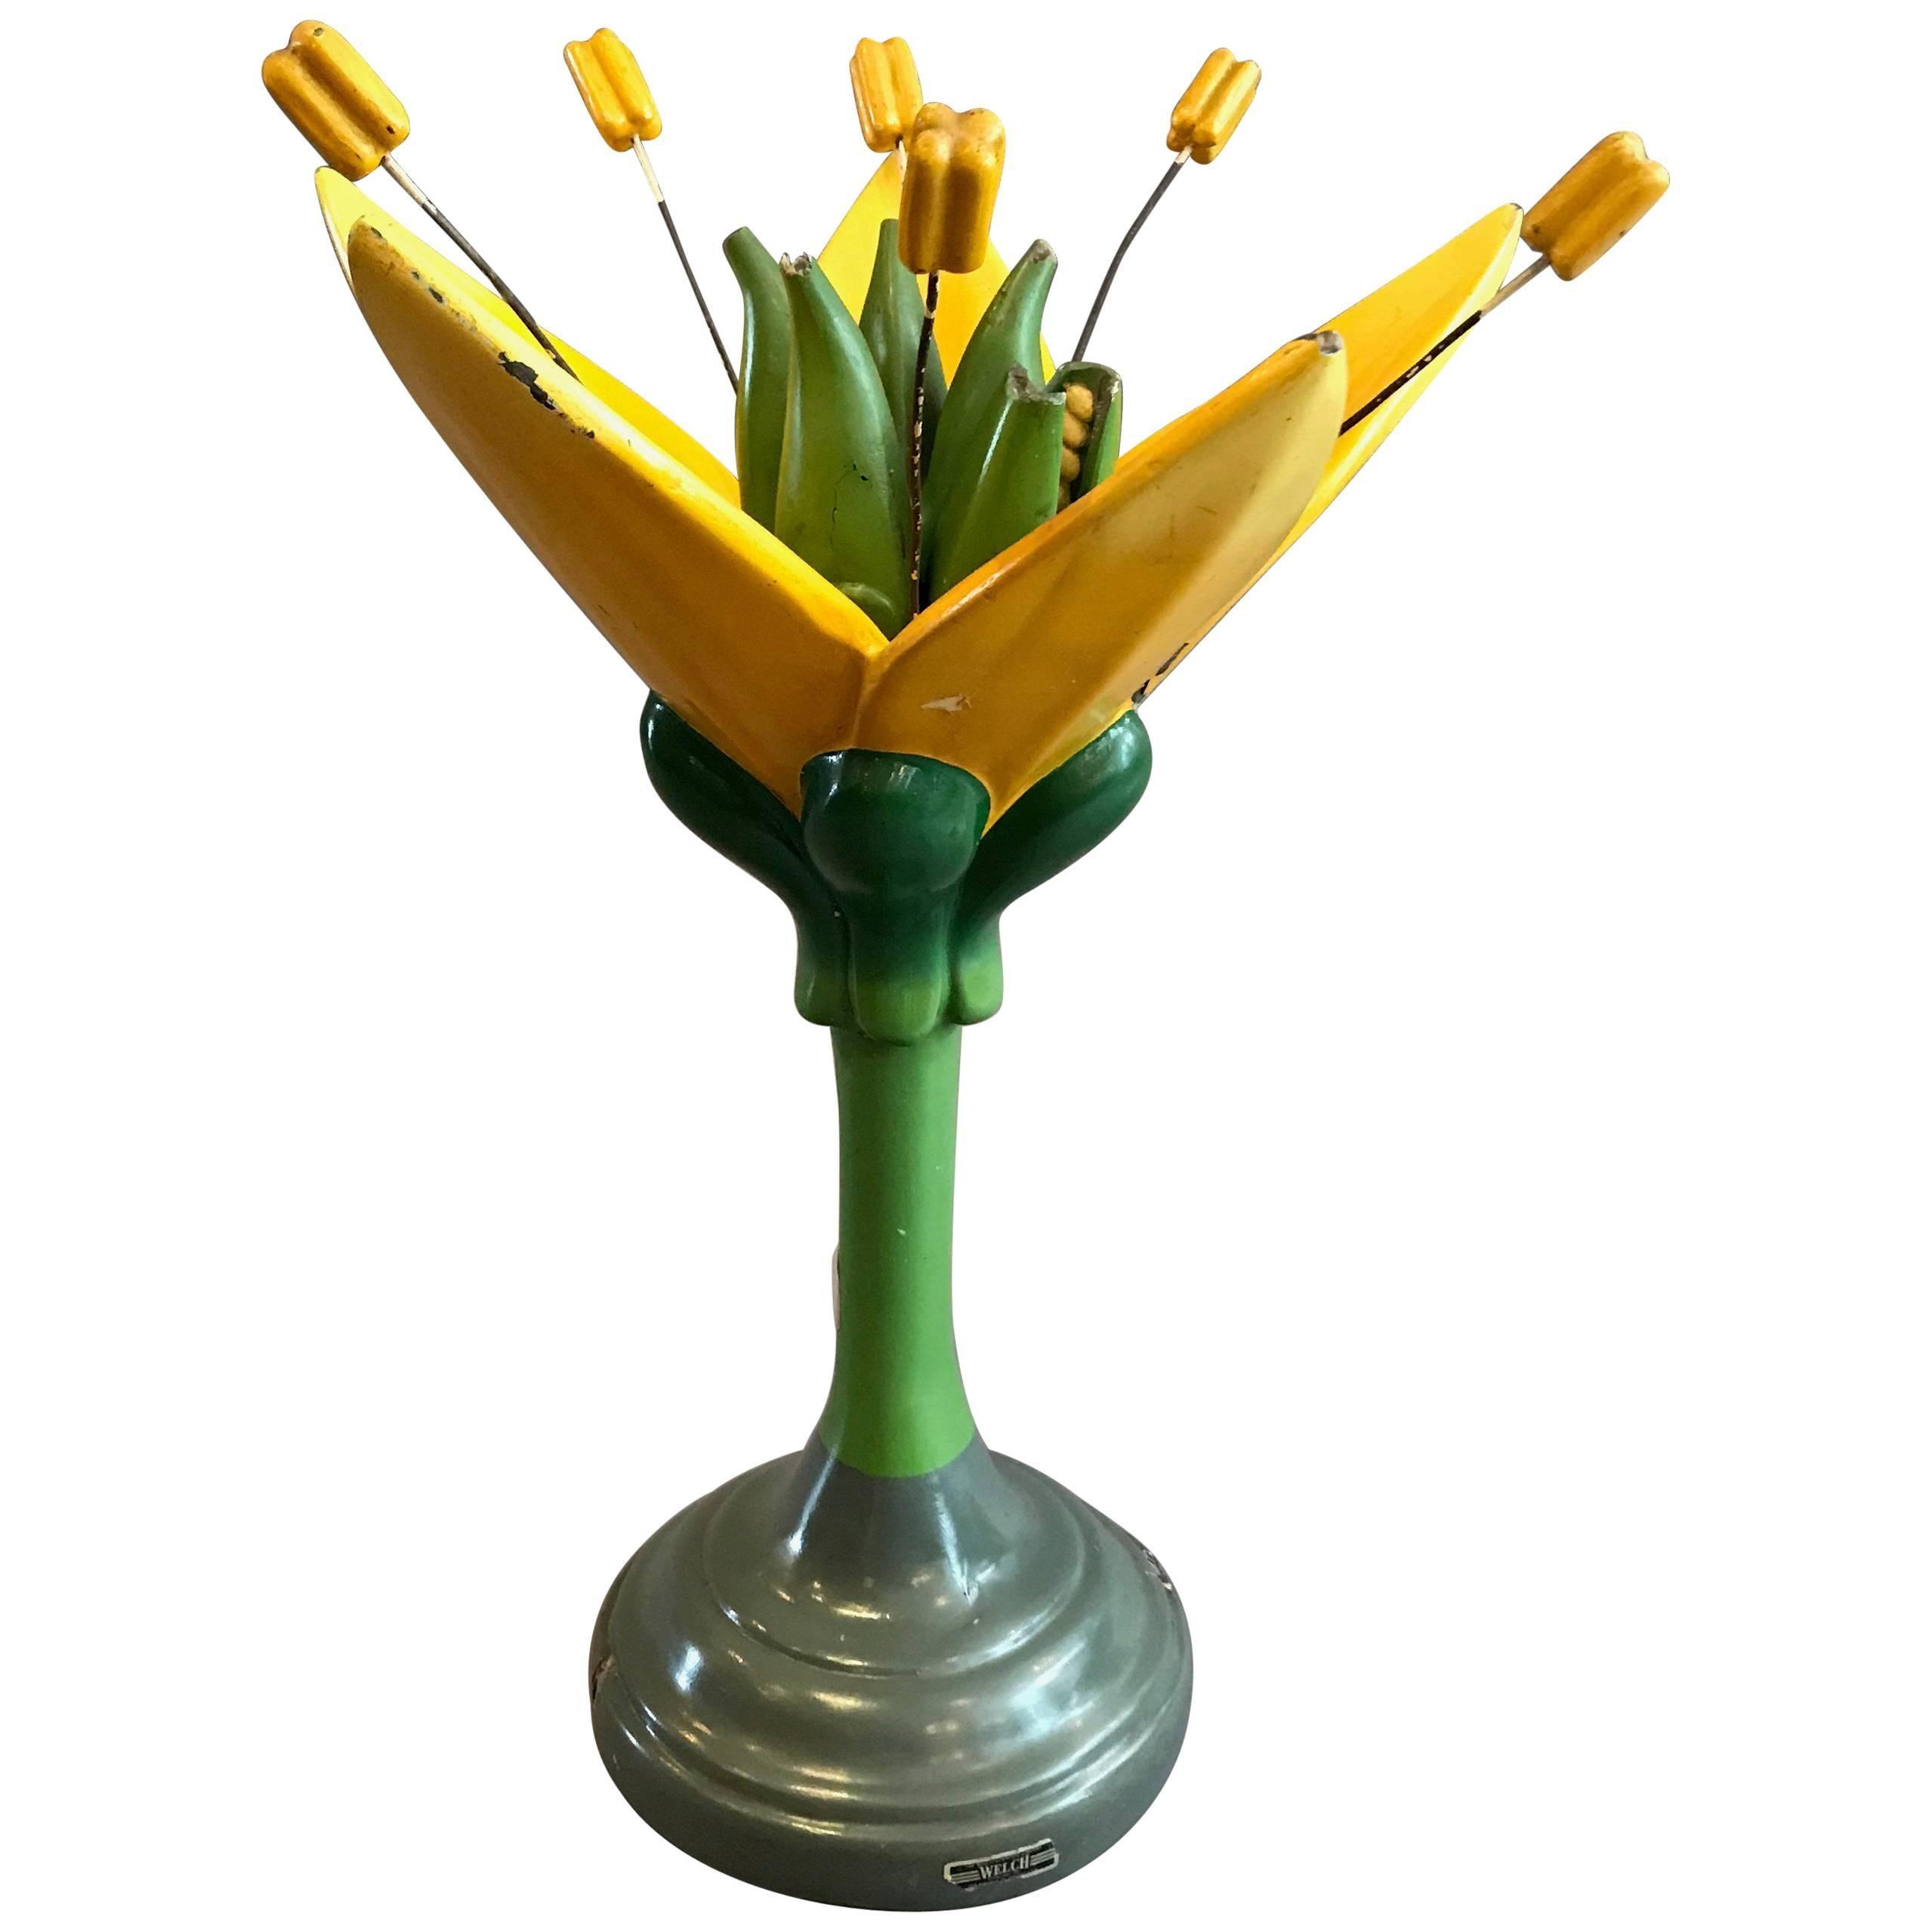 Sargent-Welch Scientific Flower Botanical Model